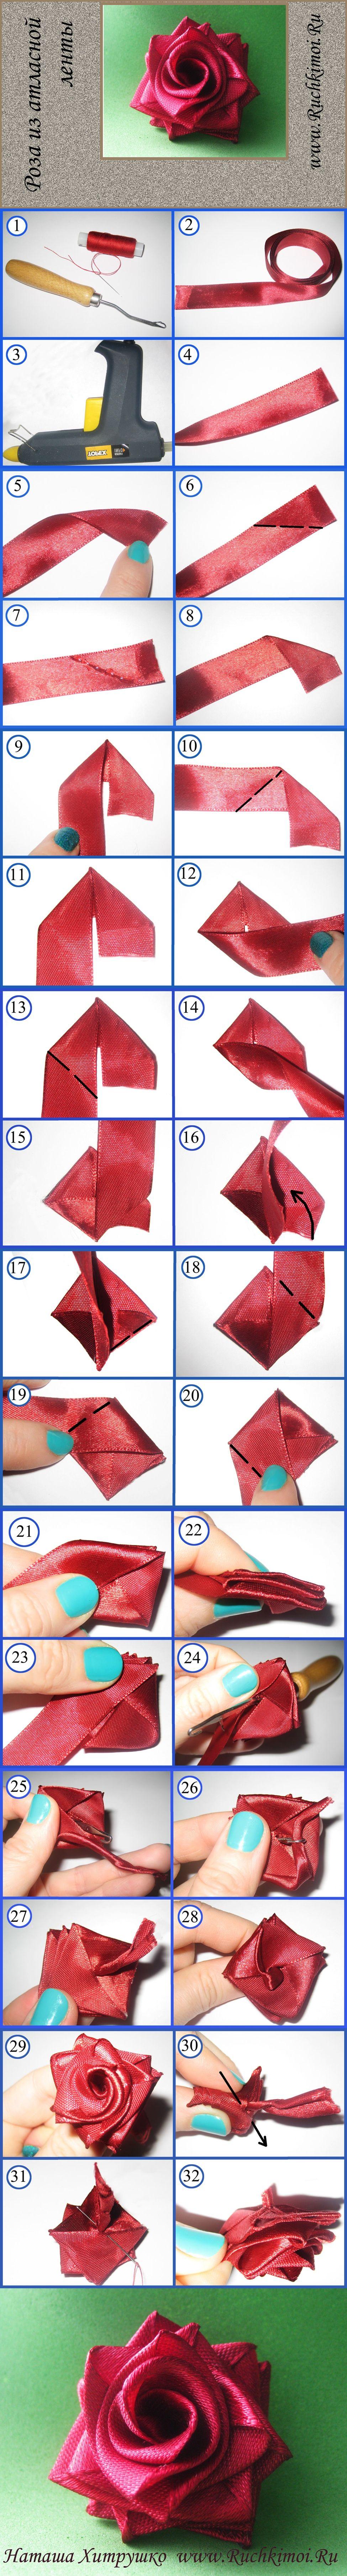 Как сделать маленькие розы Канзаши из узких атласных лент 40